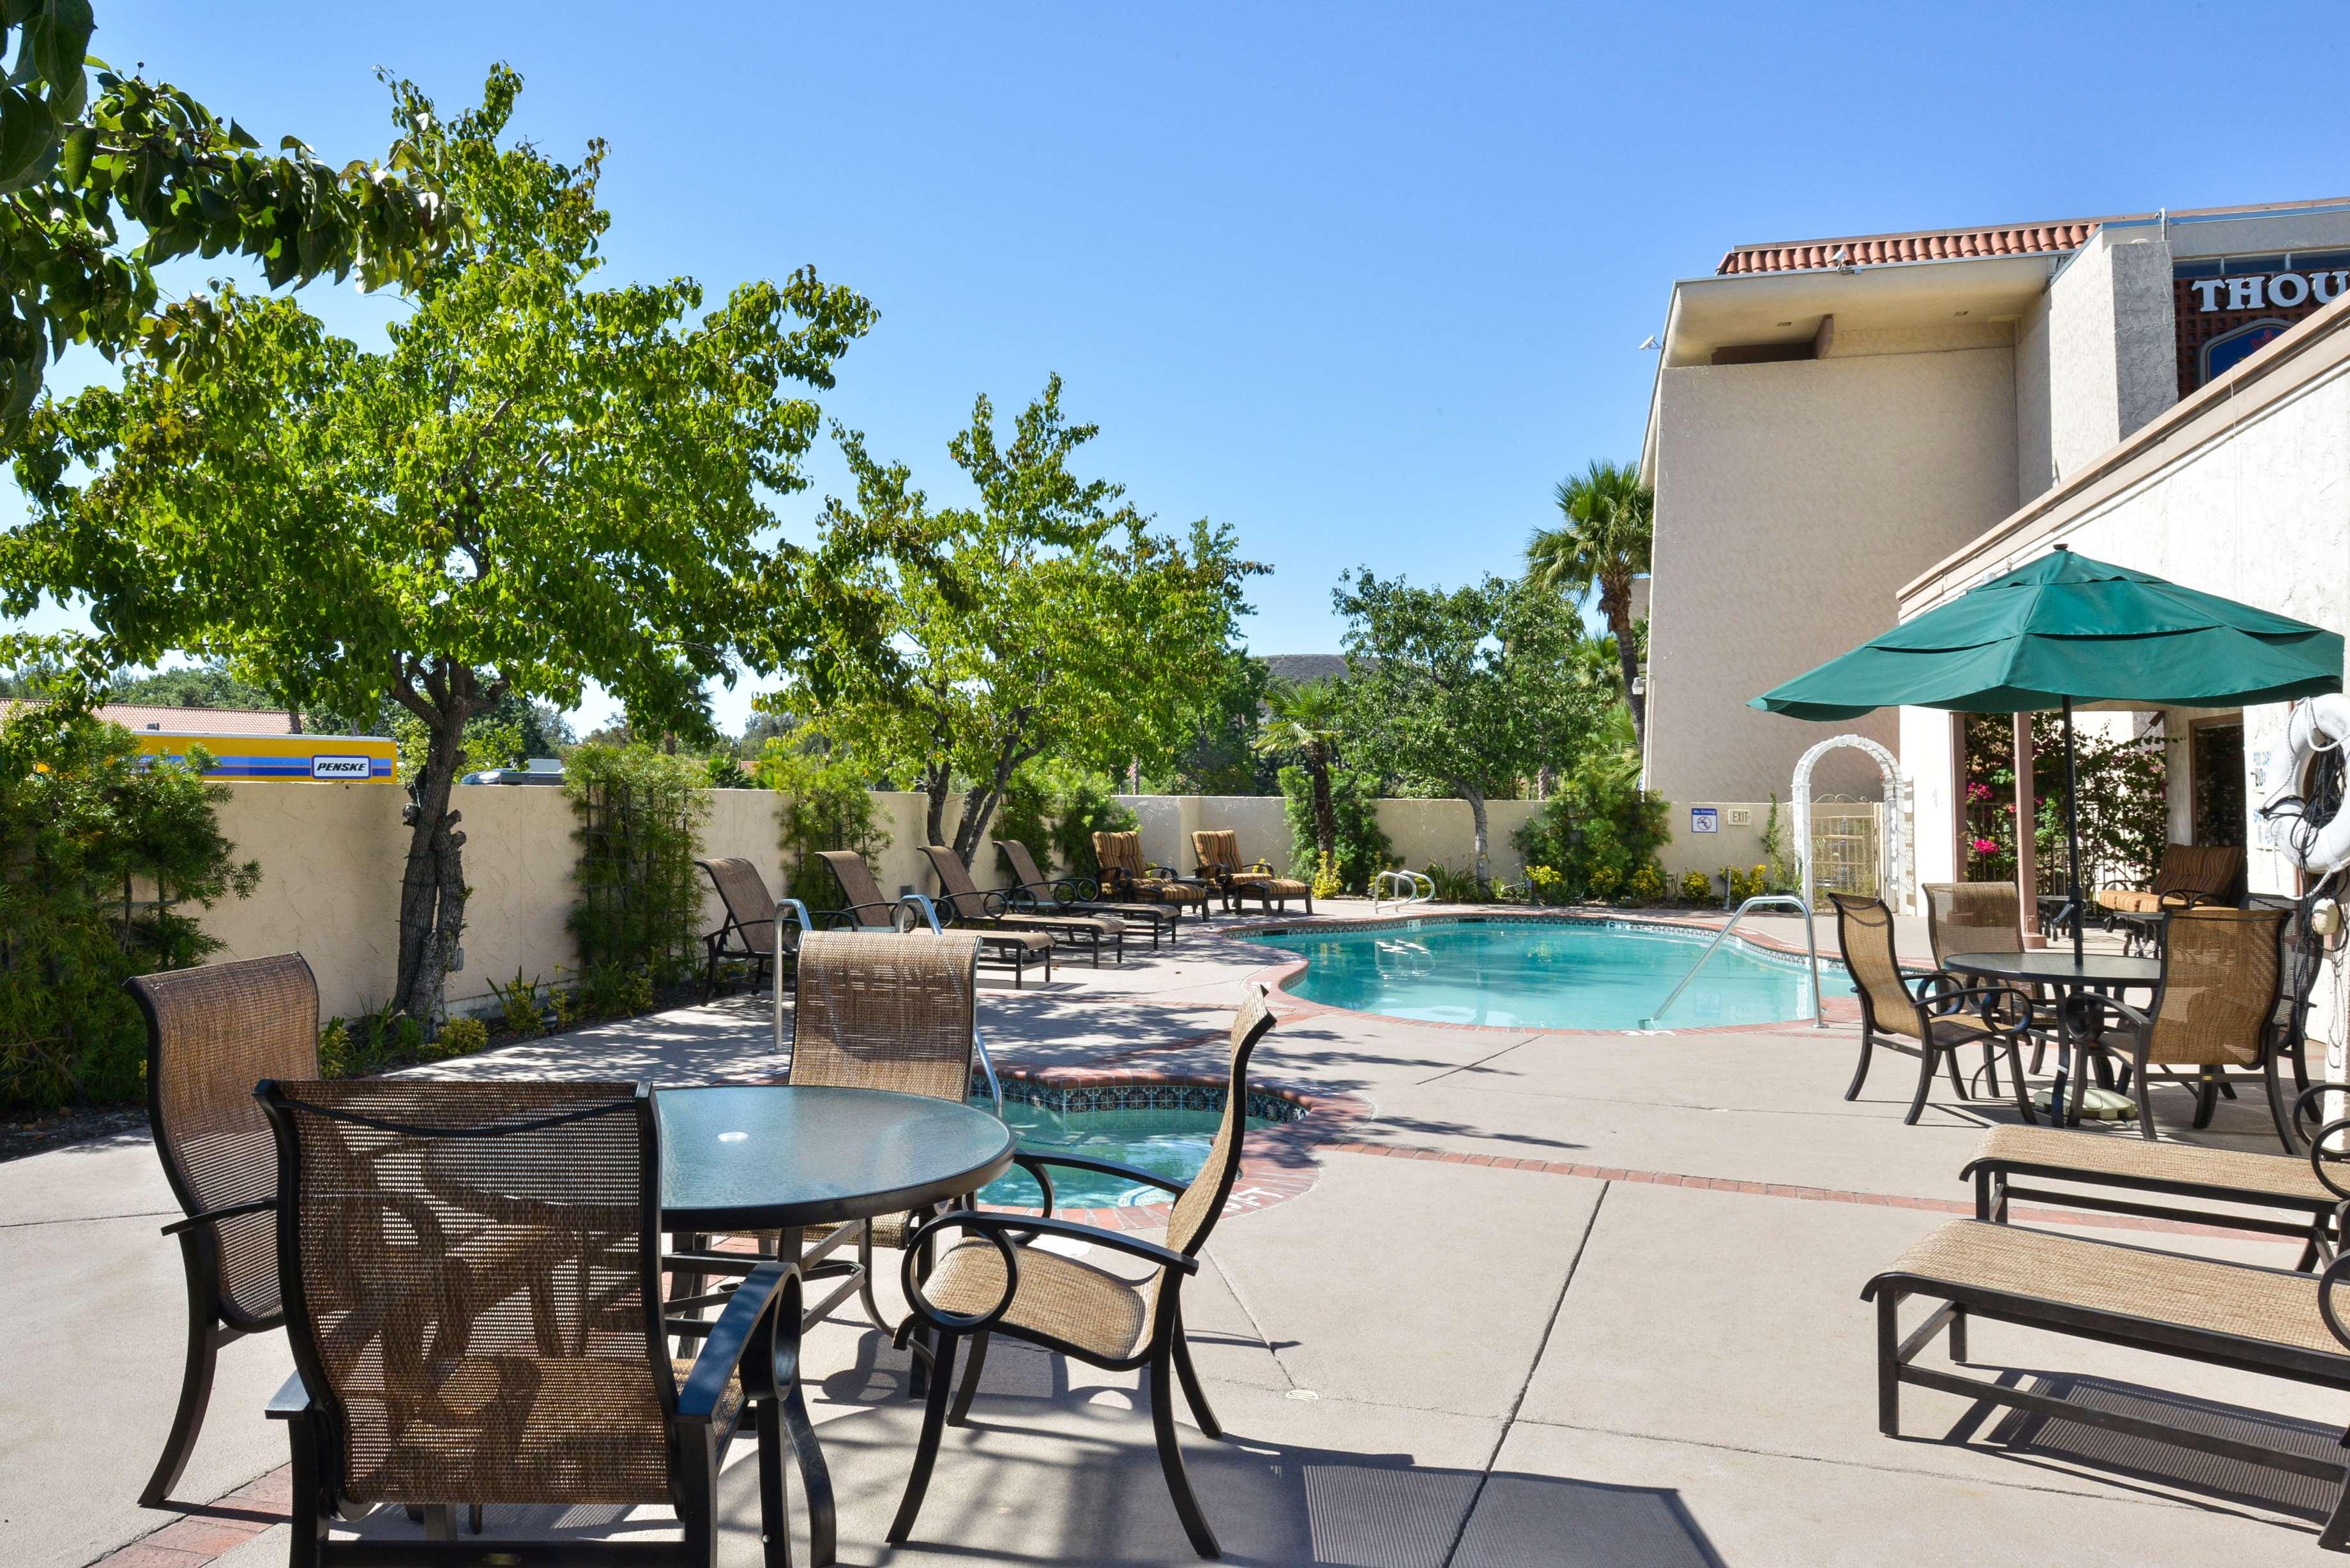 Hotels In Thousand Oaks Area